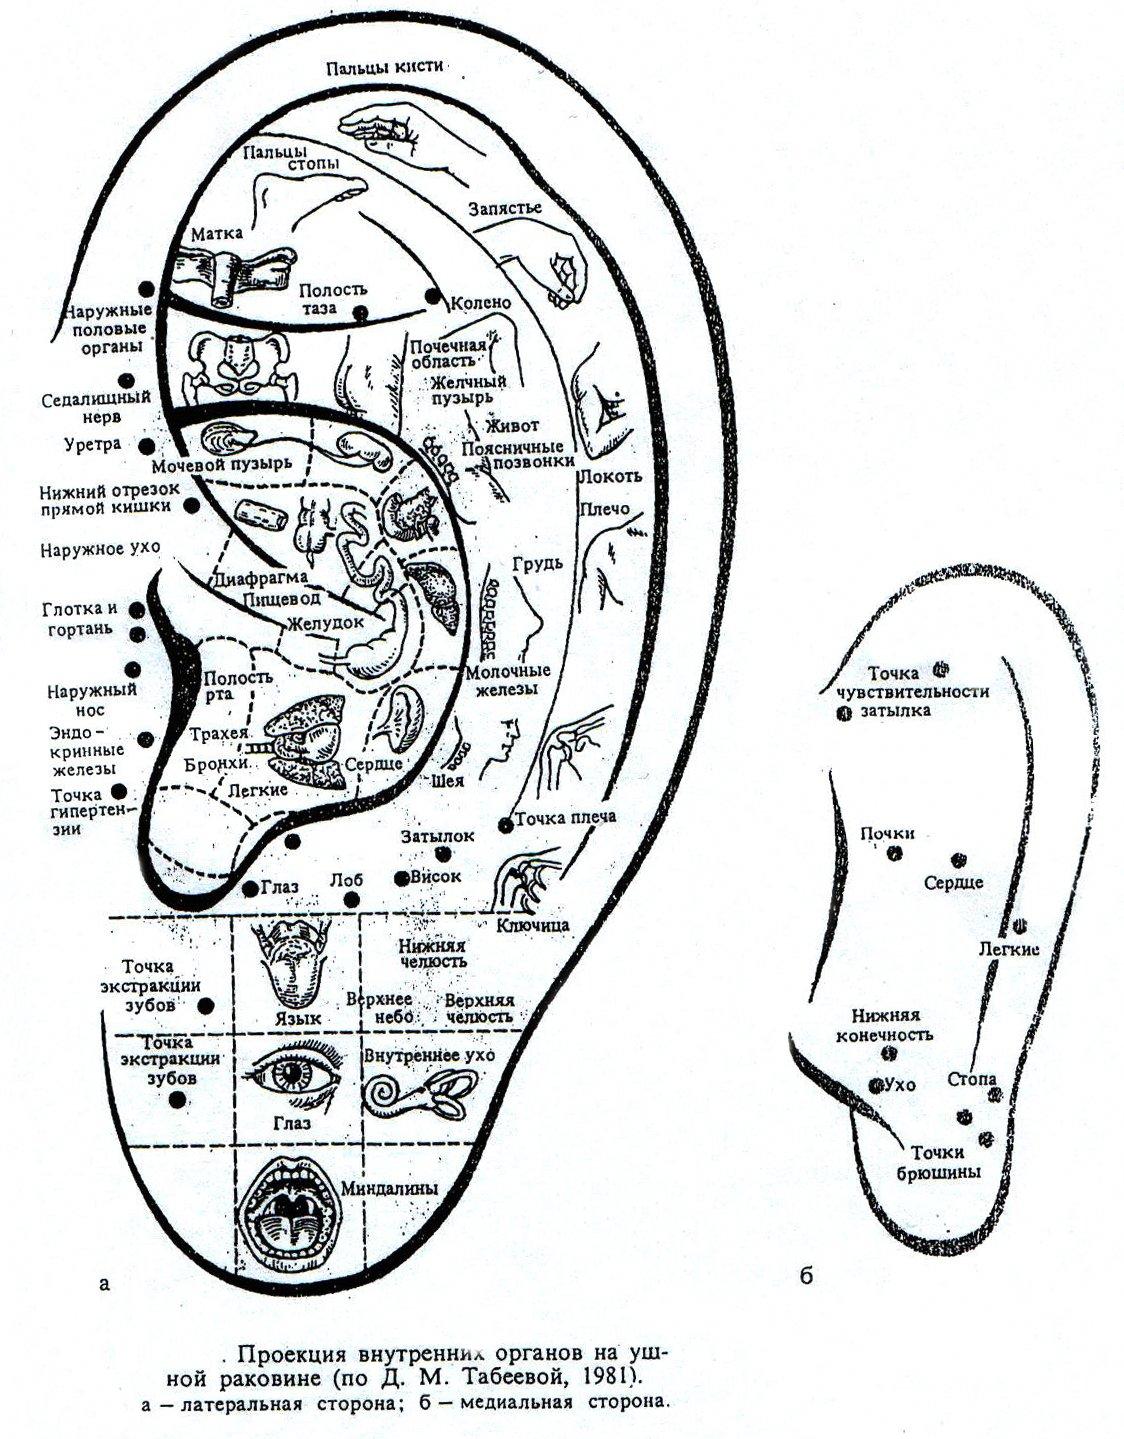 Проекция внутренних частей тела на ушной раковине